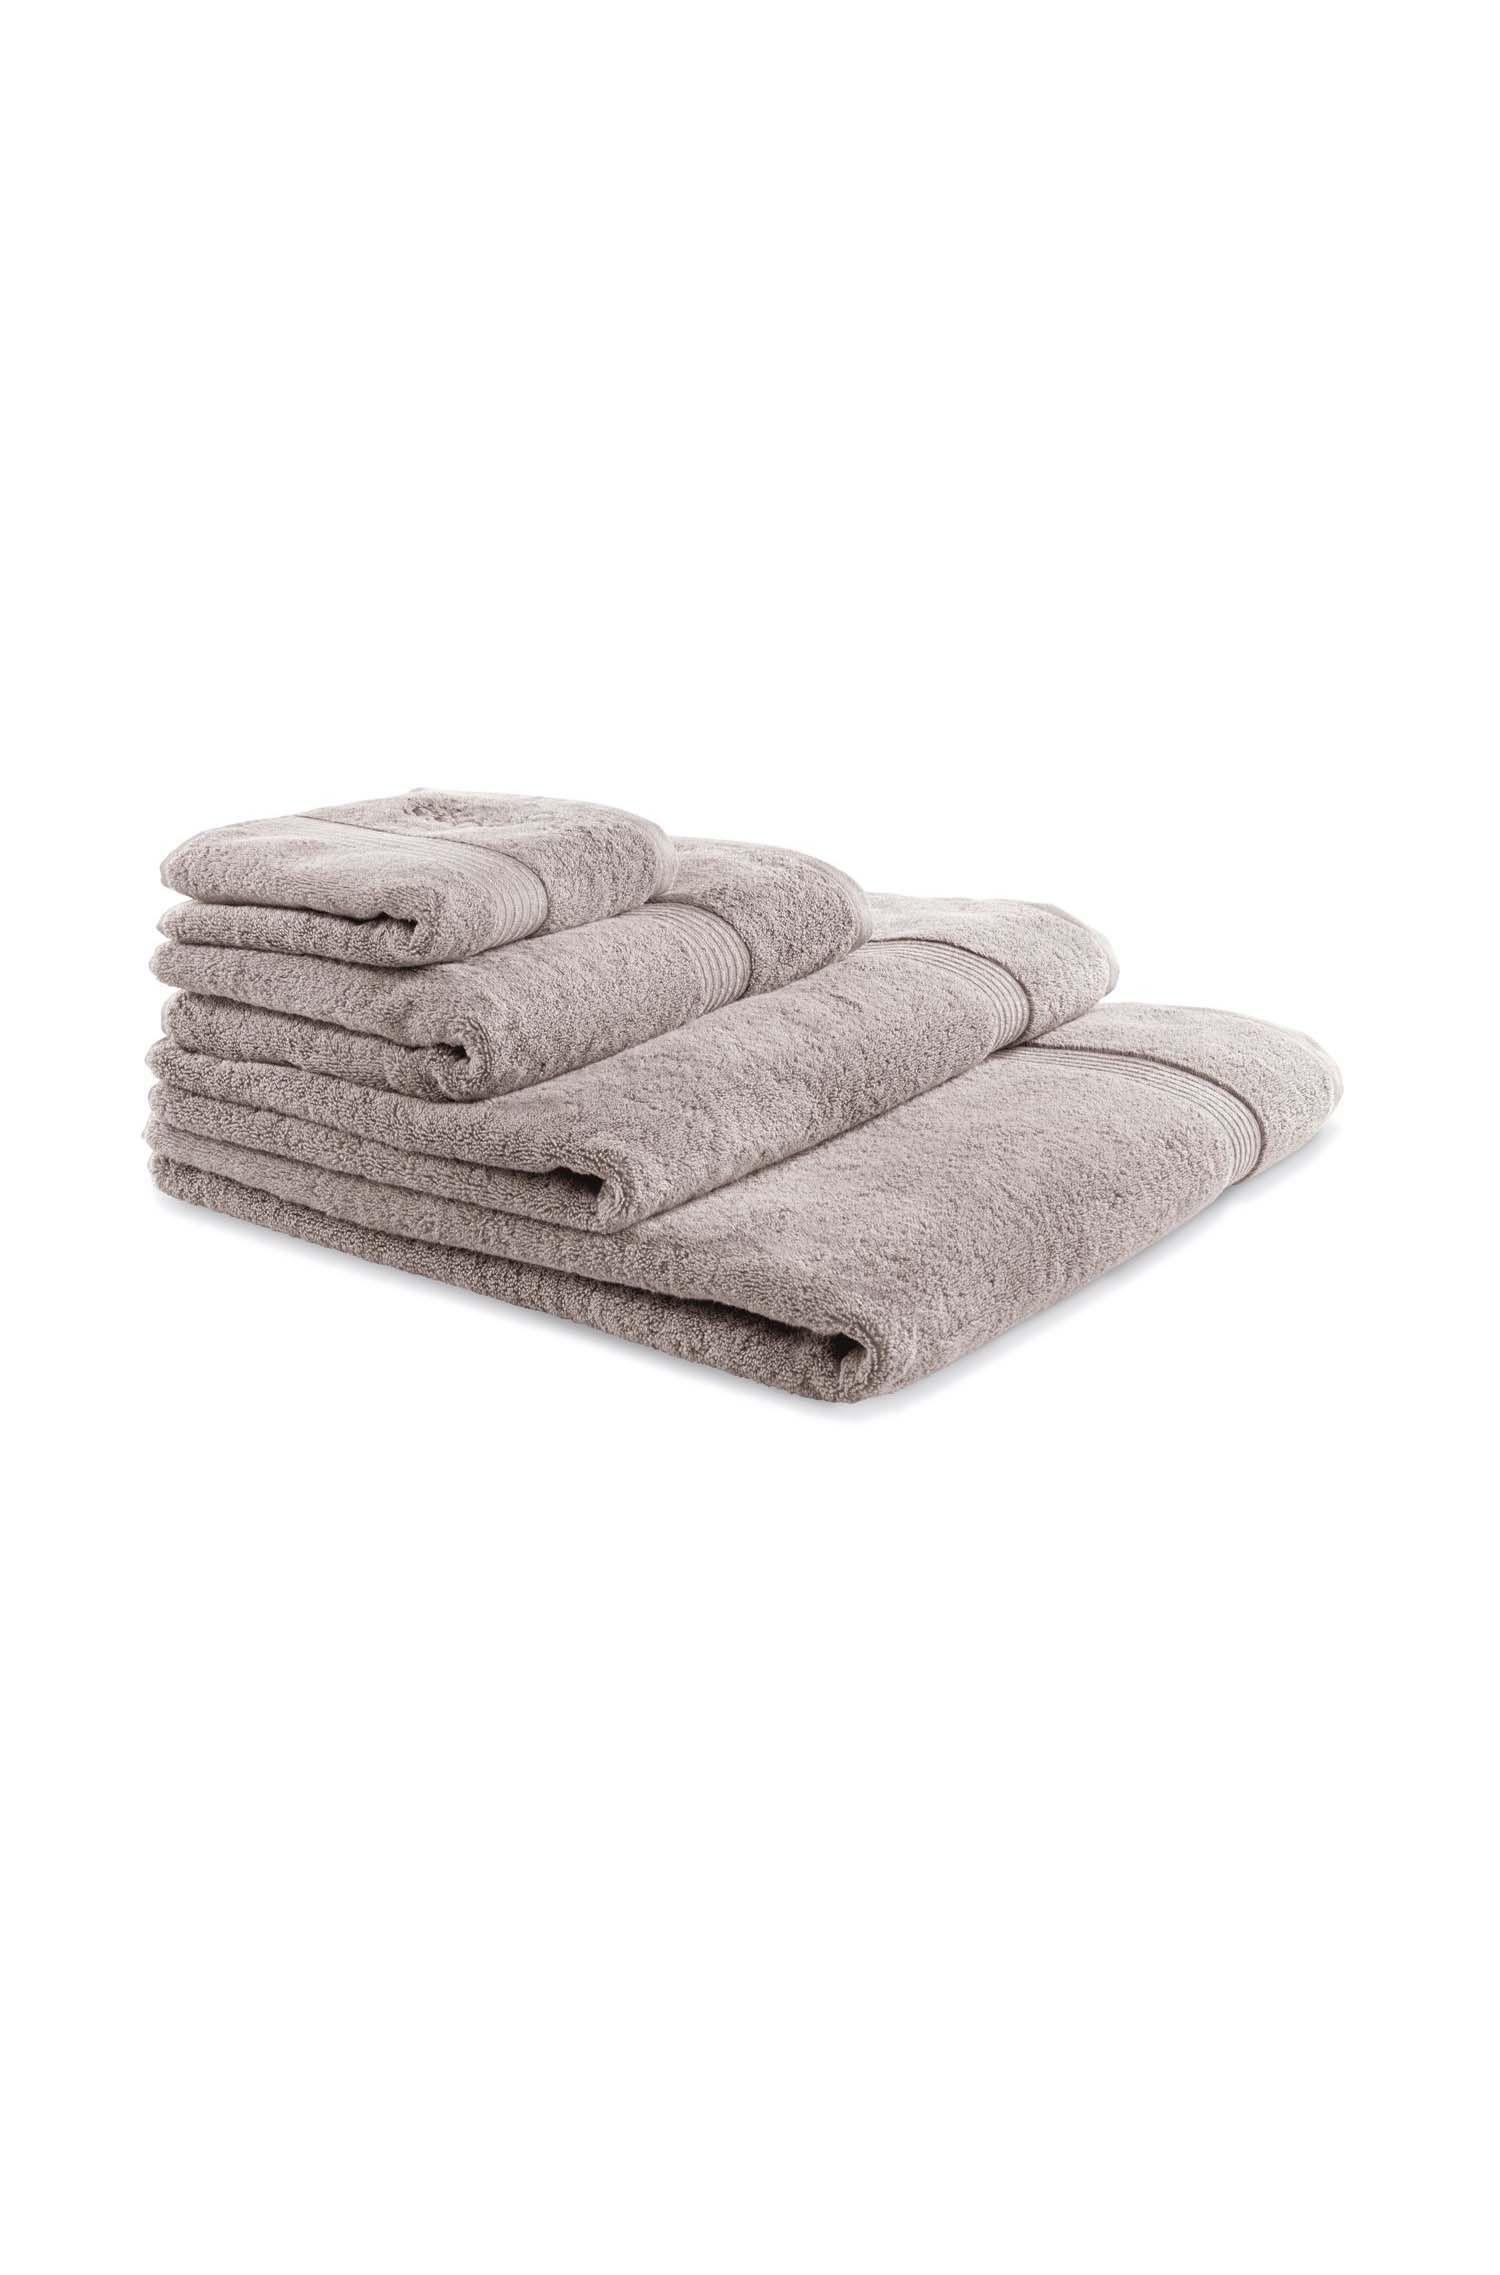 Asciugamano da bagno in cotone egeo pettinato con bordo a coste, Beige chiaro